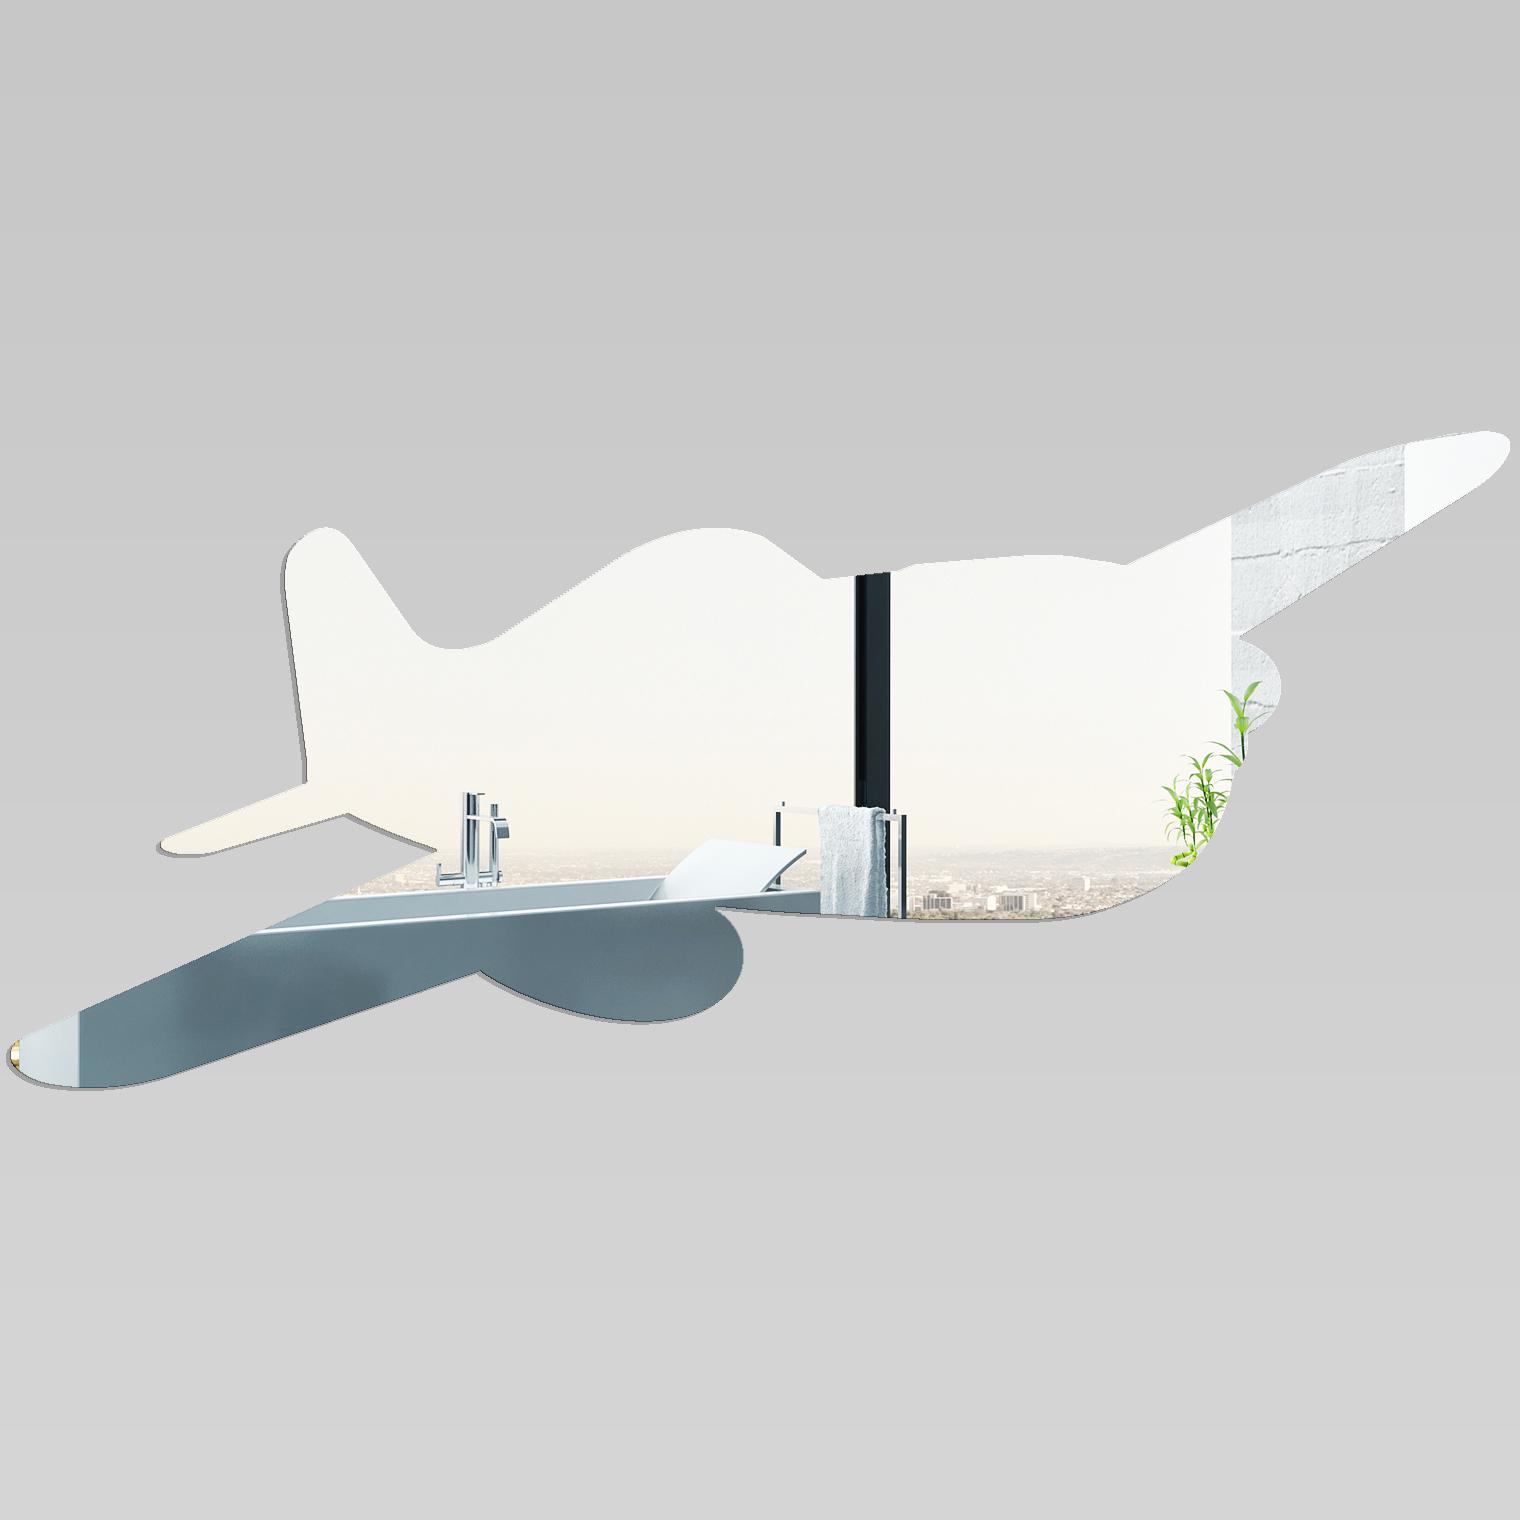 Miroir plexiglass acrylique avion pas cher for Miroir acrylique